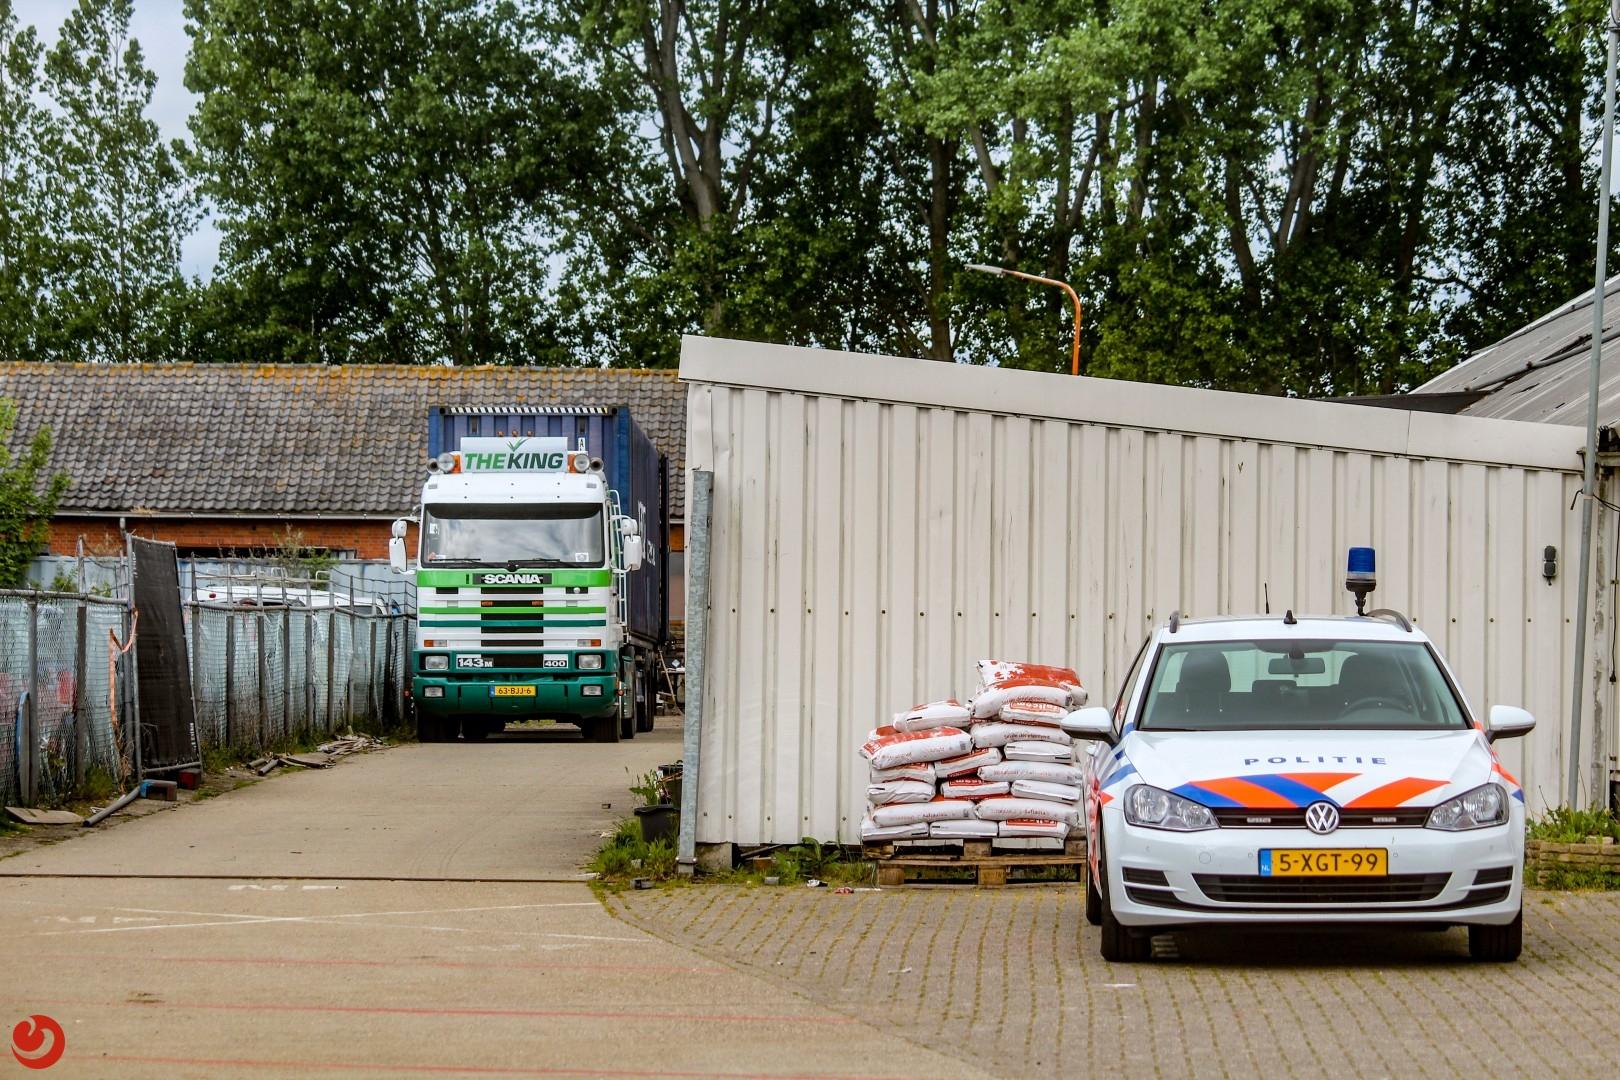 Politie ontdekt drugslab in bedrijfspand